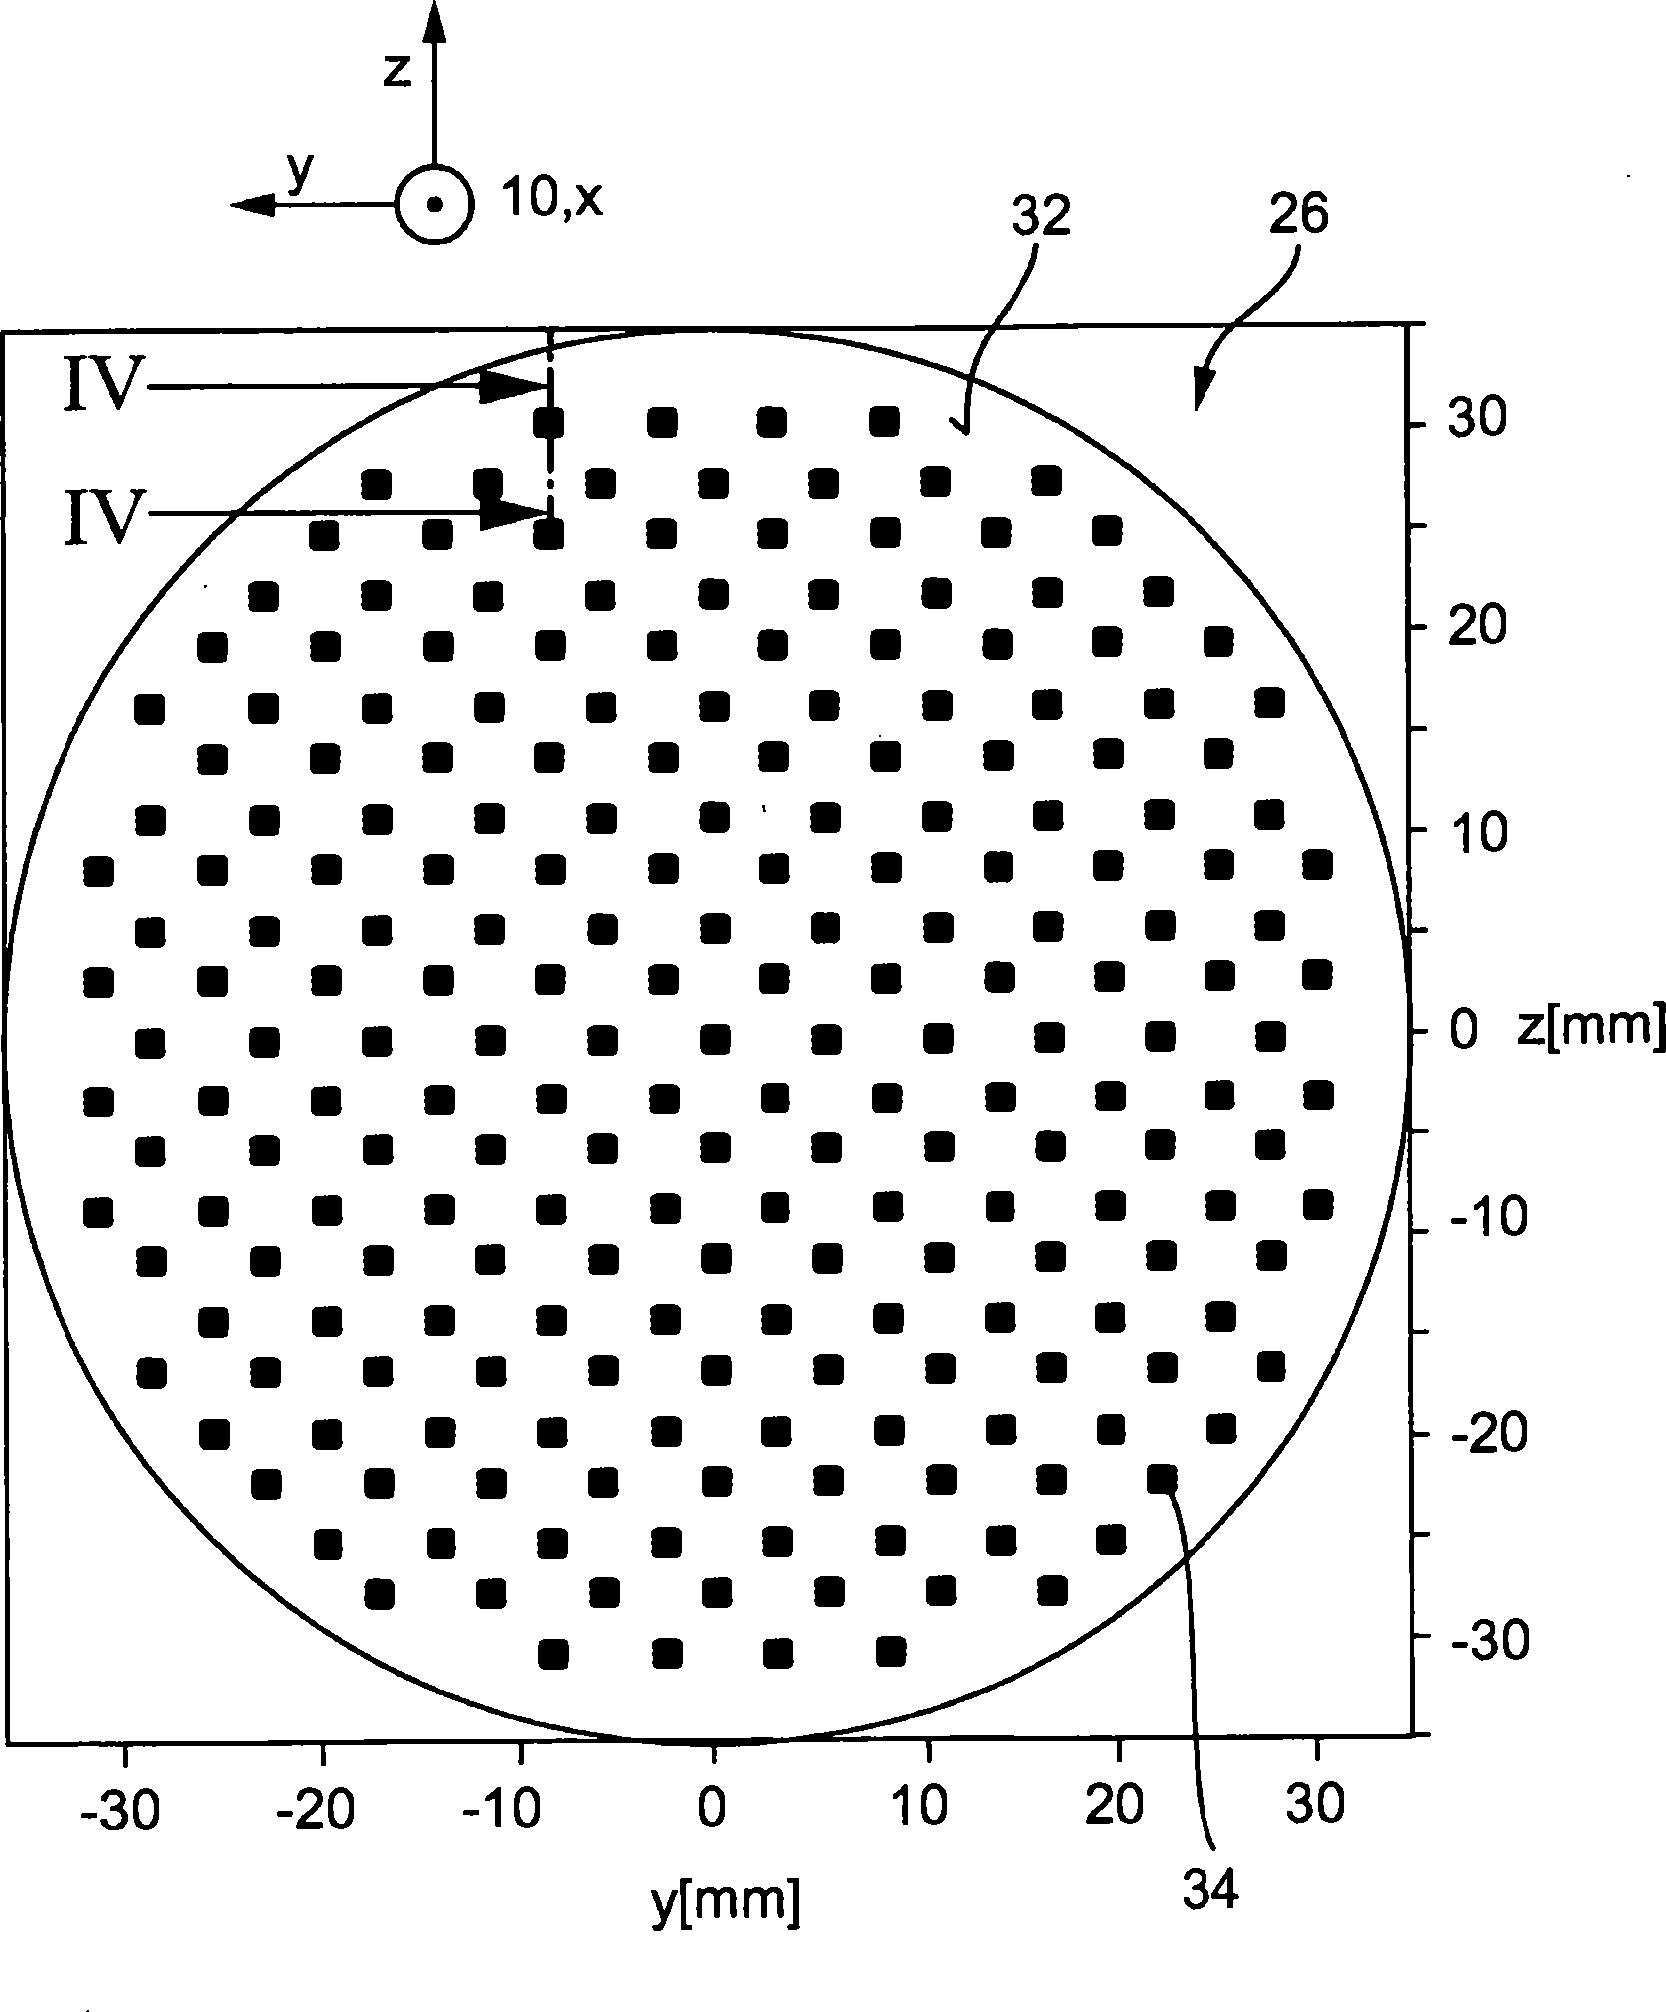 Figure DE102009020593B4_0001